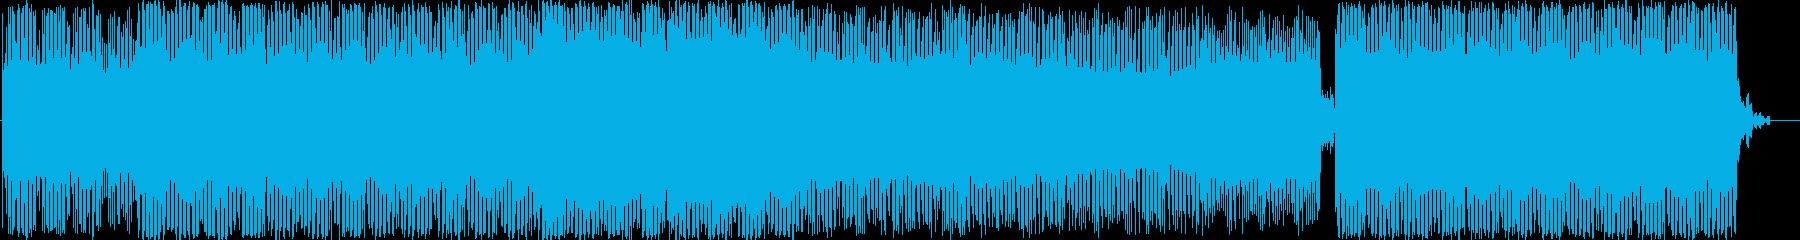 エレクトロニック アクション ad...の再生済みの波形